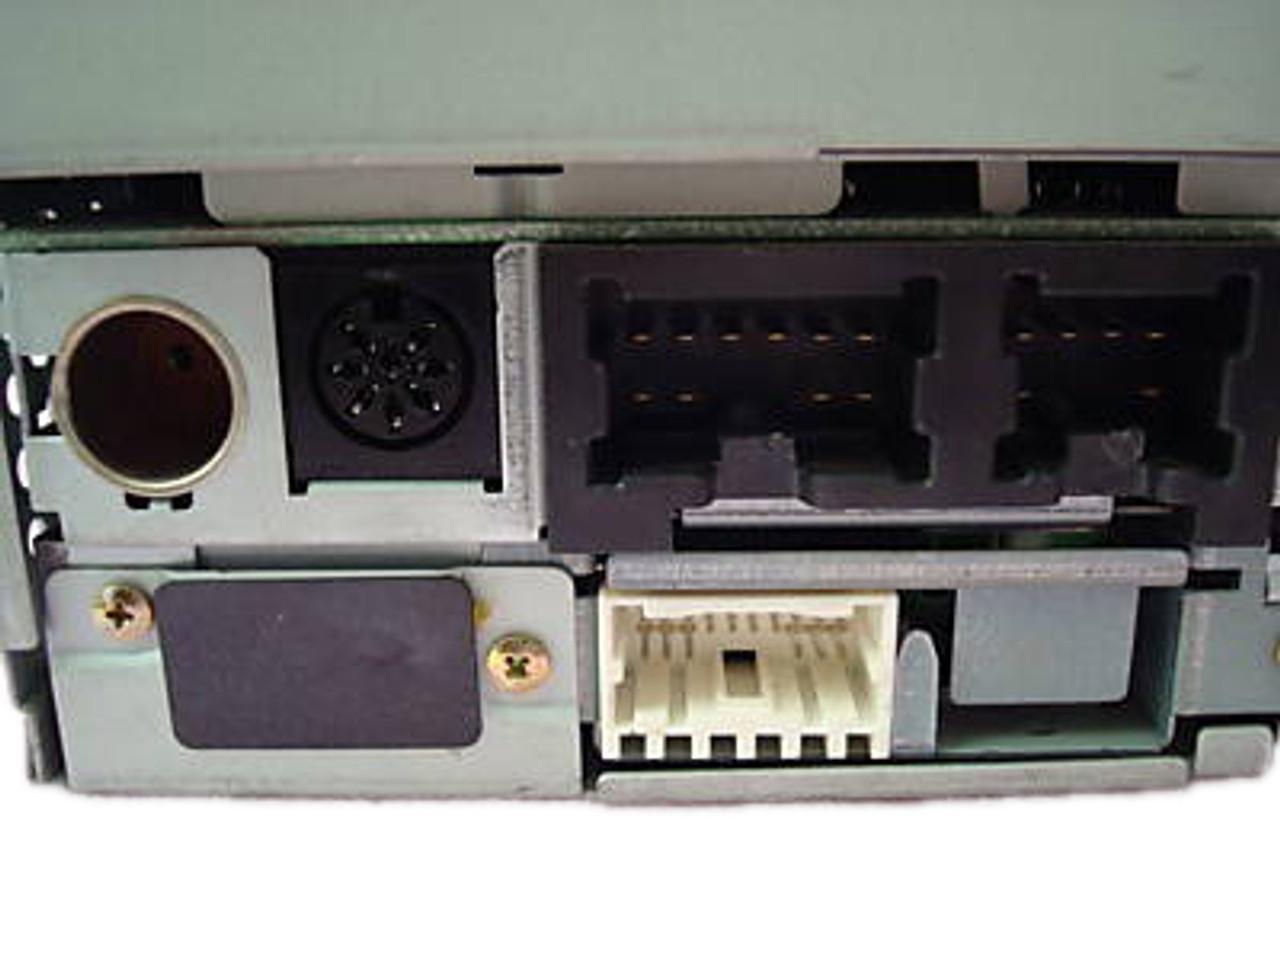 1996 1997 1998 1999 2000 2001 2002 2003 2004 nissan pathfinder se le maxima bose radio [ 1280 x 960 Pixel ]